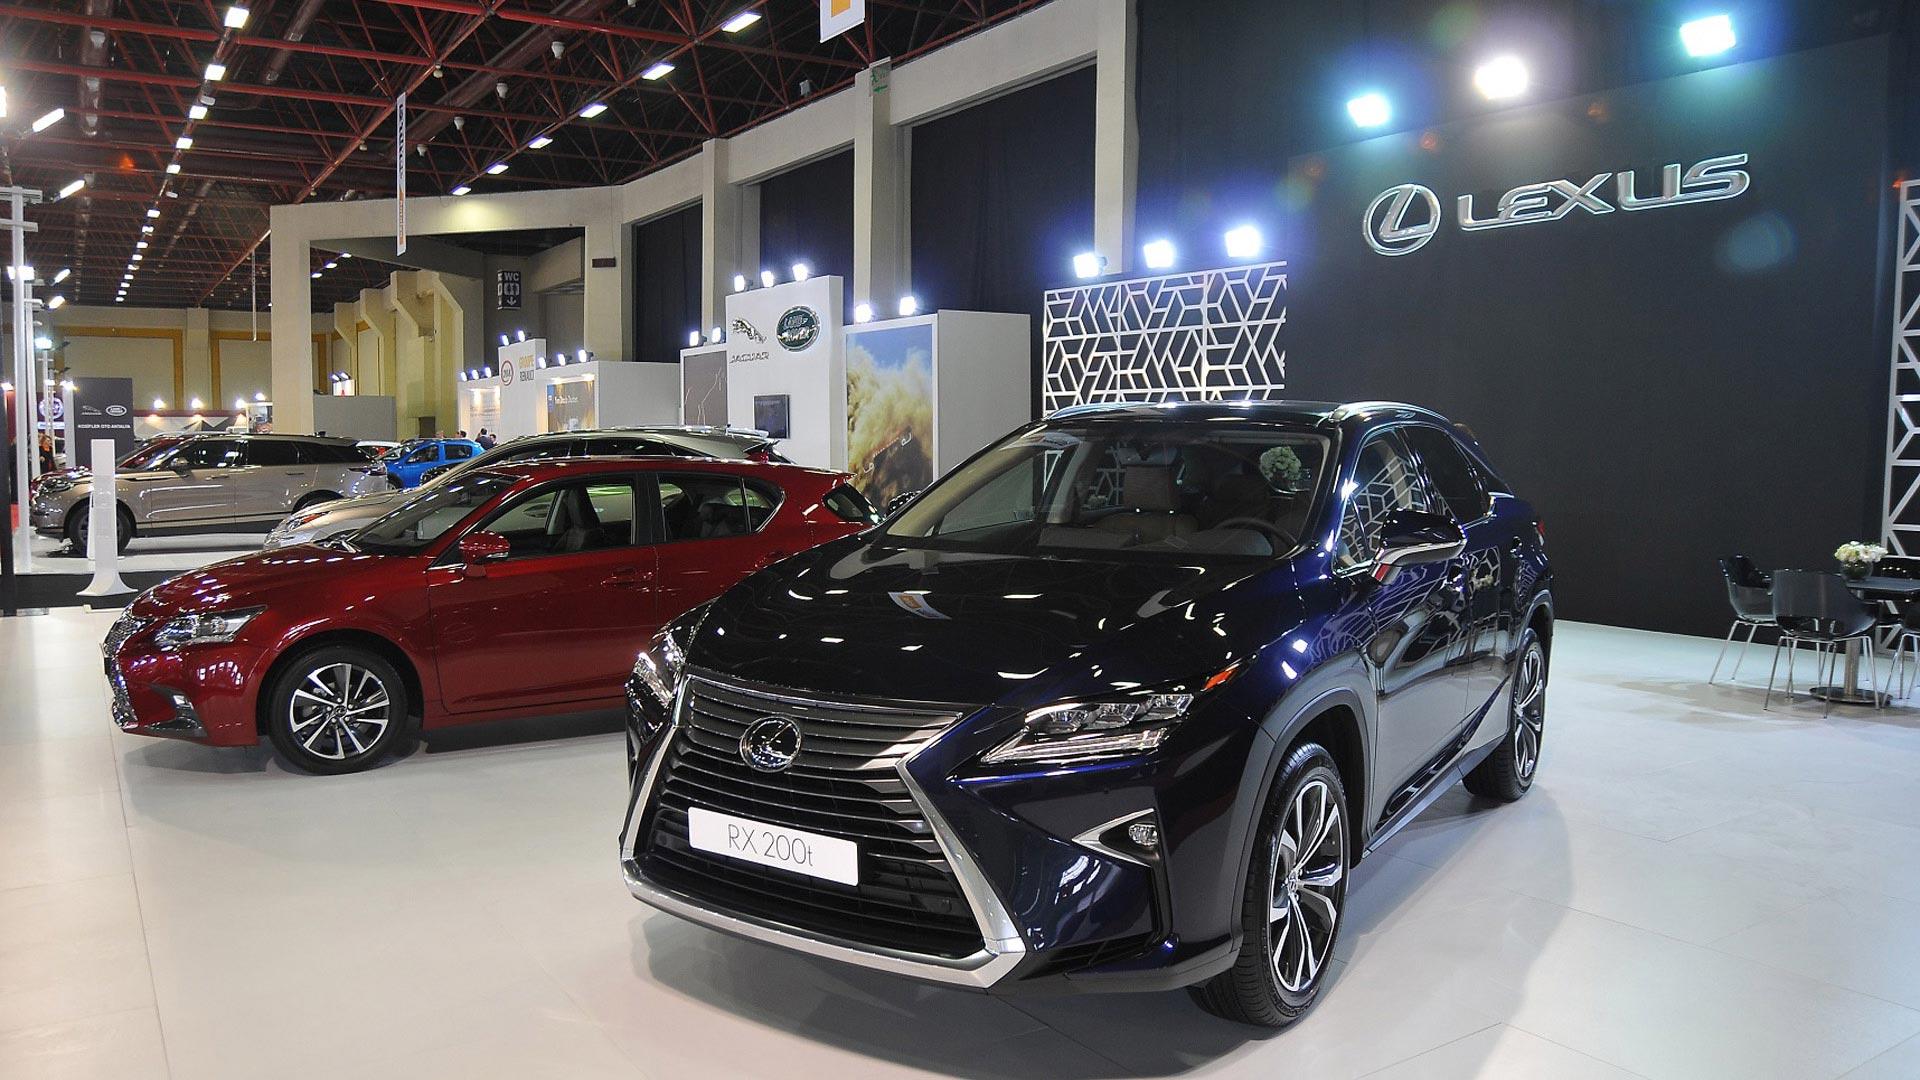 Lexus Antalya Otoshow gallery05 1920x1080 v2